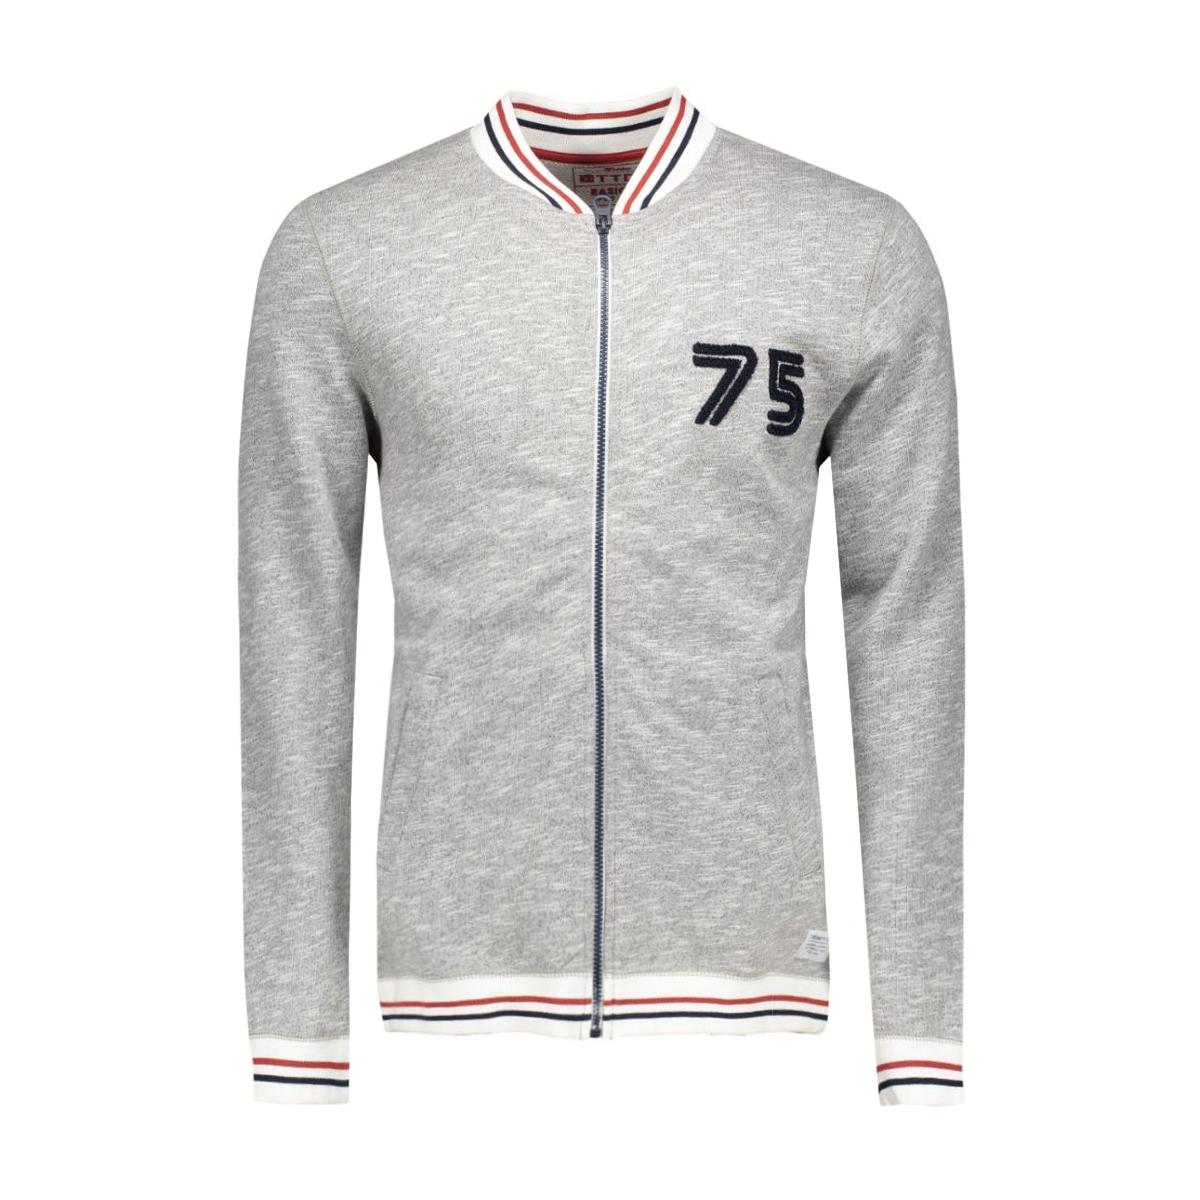 2530432.00.12 tom tailor vest 2801